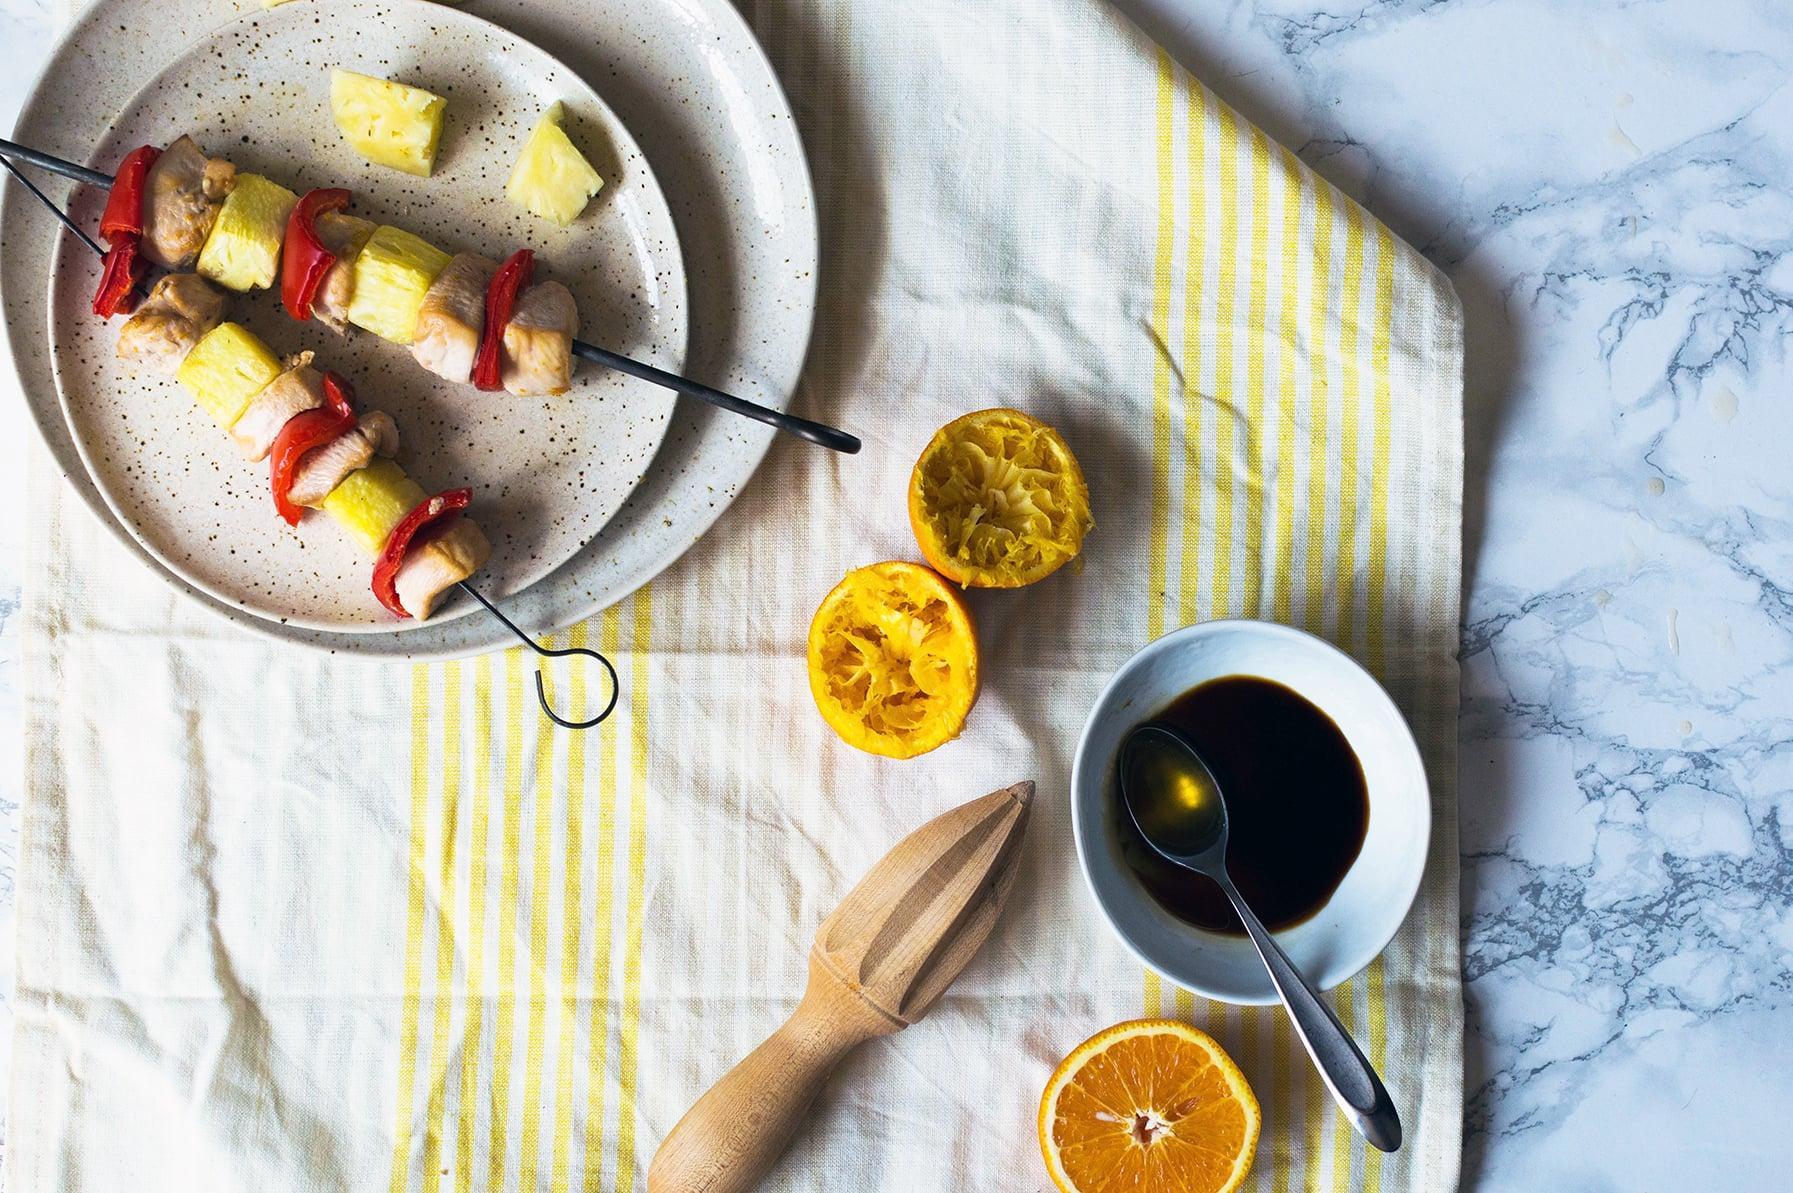 Brochettes-de-poulet-a-l-orange-et-l-ananas